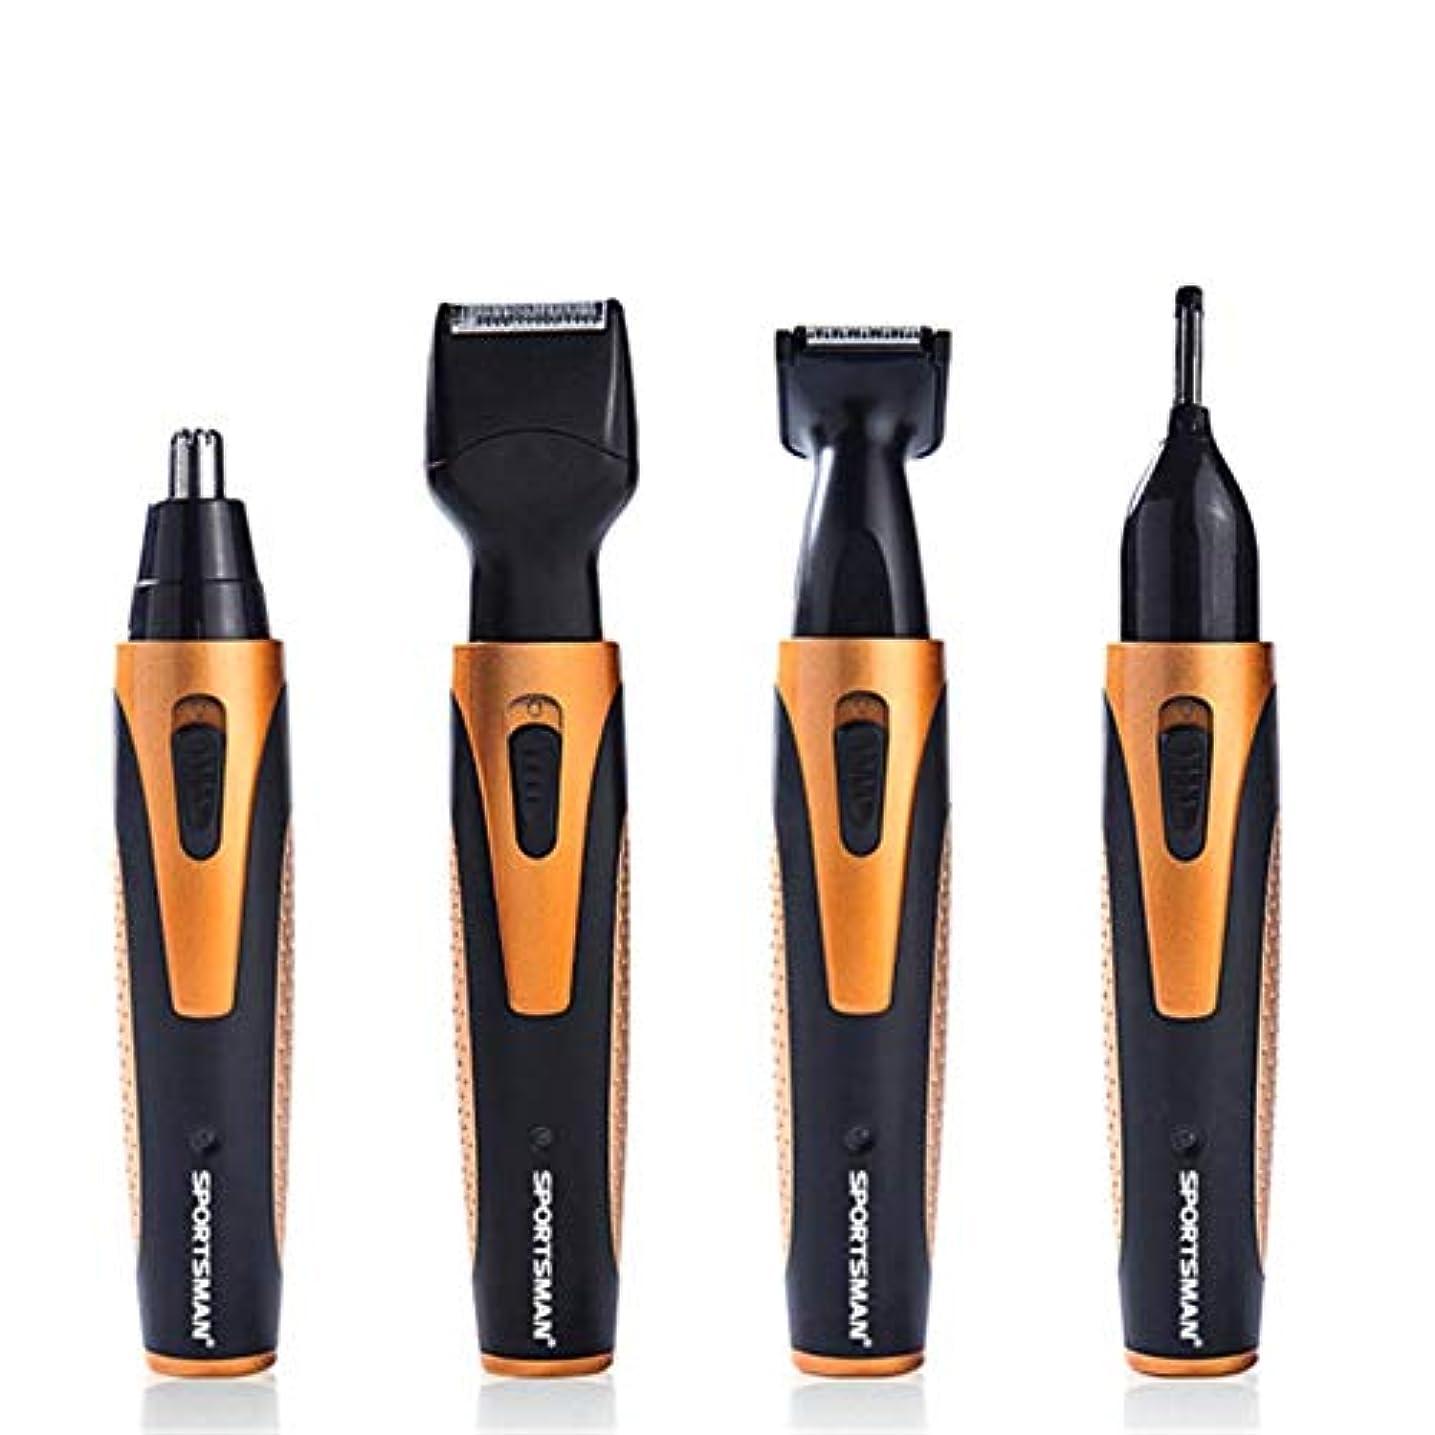 ミニ誘導買い手電気かみそり、男性電気かみそりロータリーひげトリマー鼻毛トリマーフェイスクリーニングブラシ防水ウェットとドライUSB充電式4 in 1シェービングマシンaa